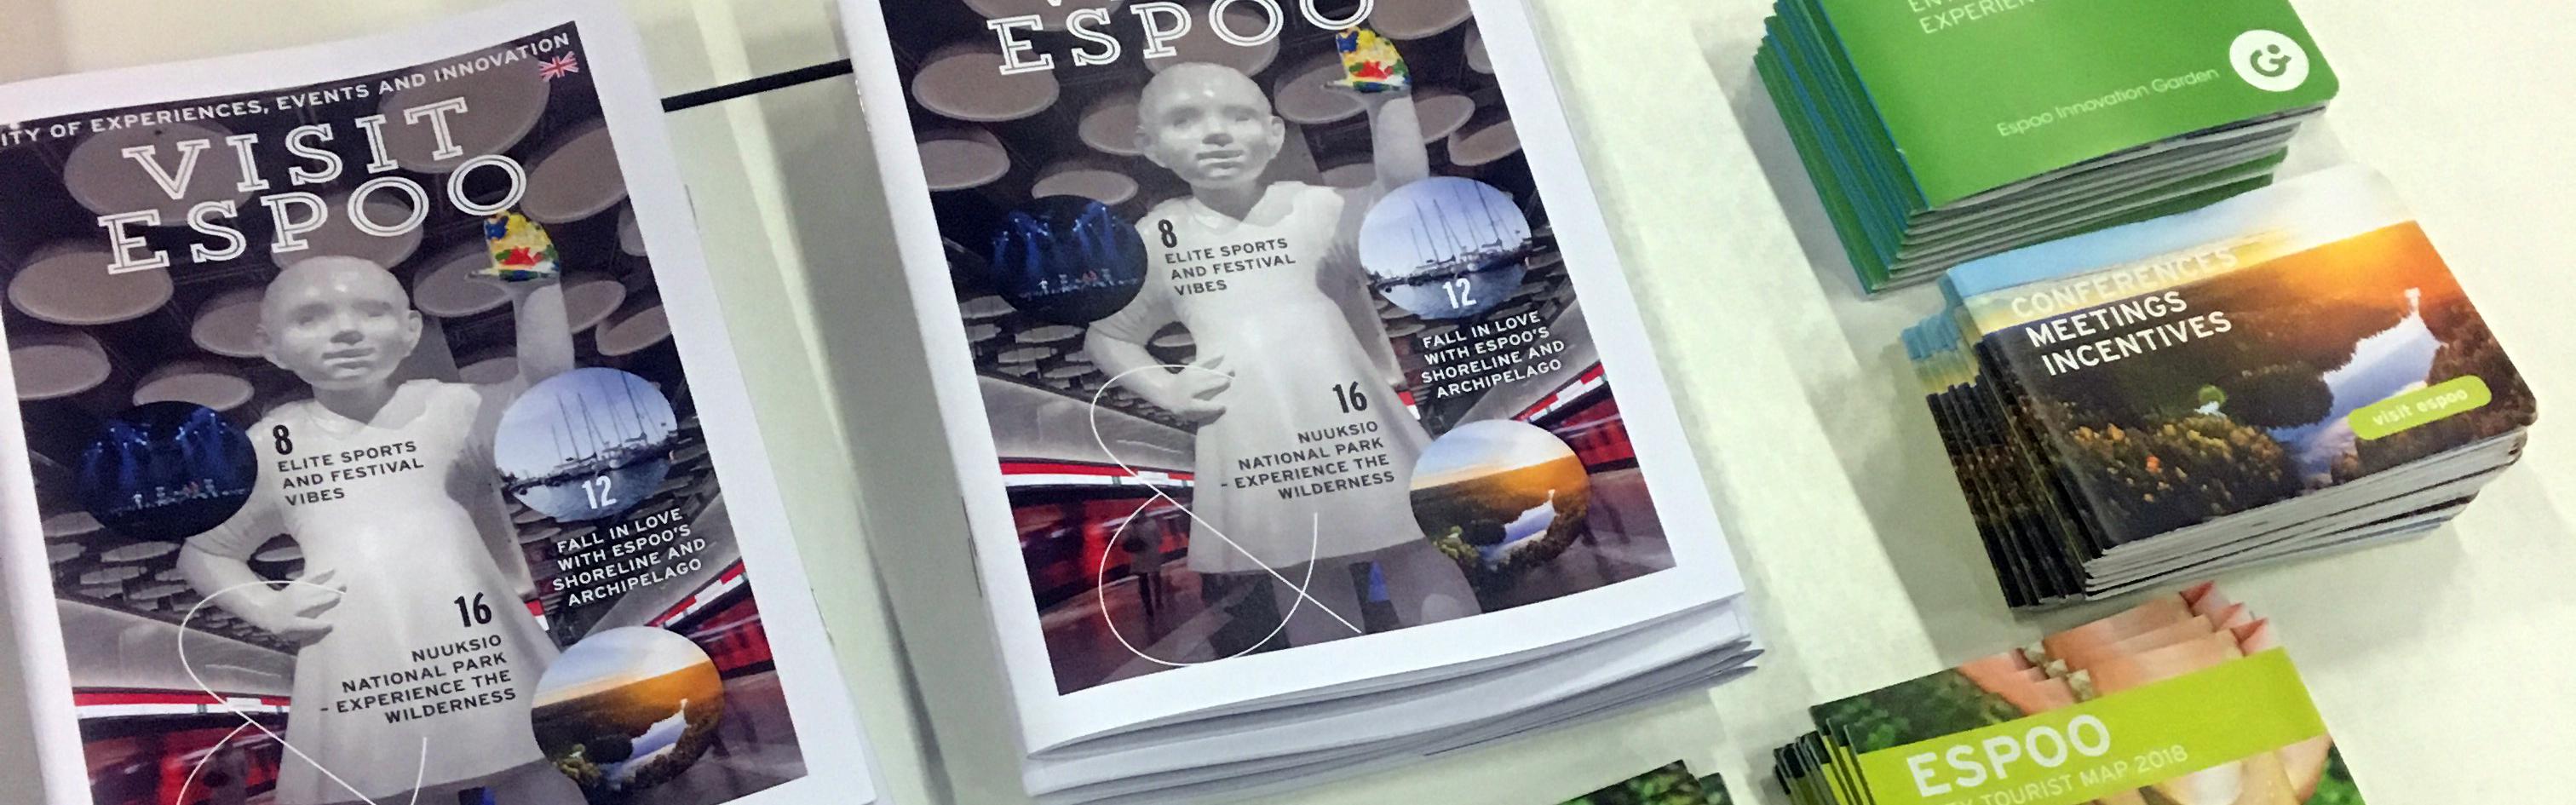 Esitteet ja kartat, Visit Espoo 2019